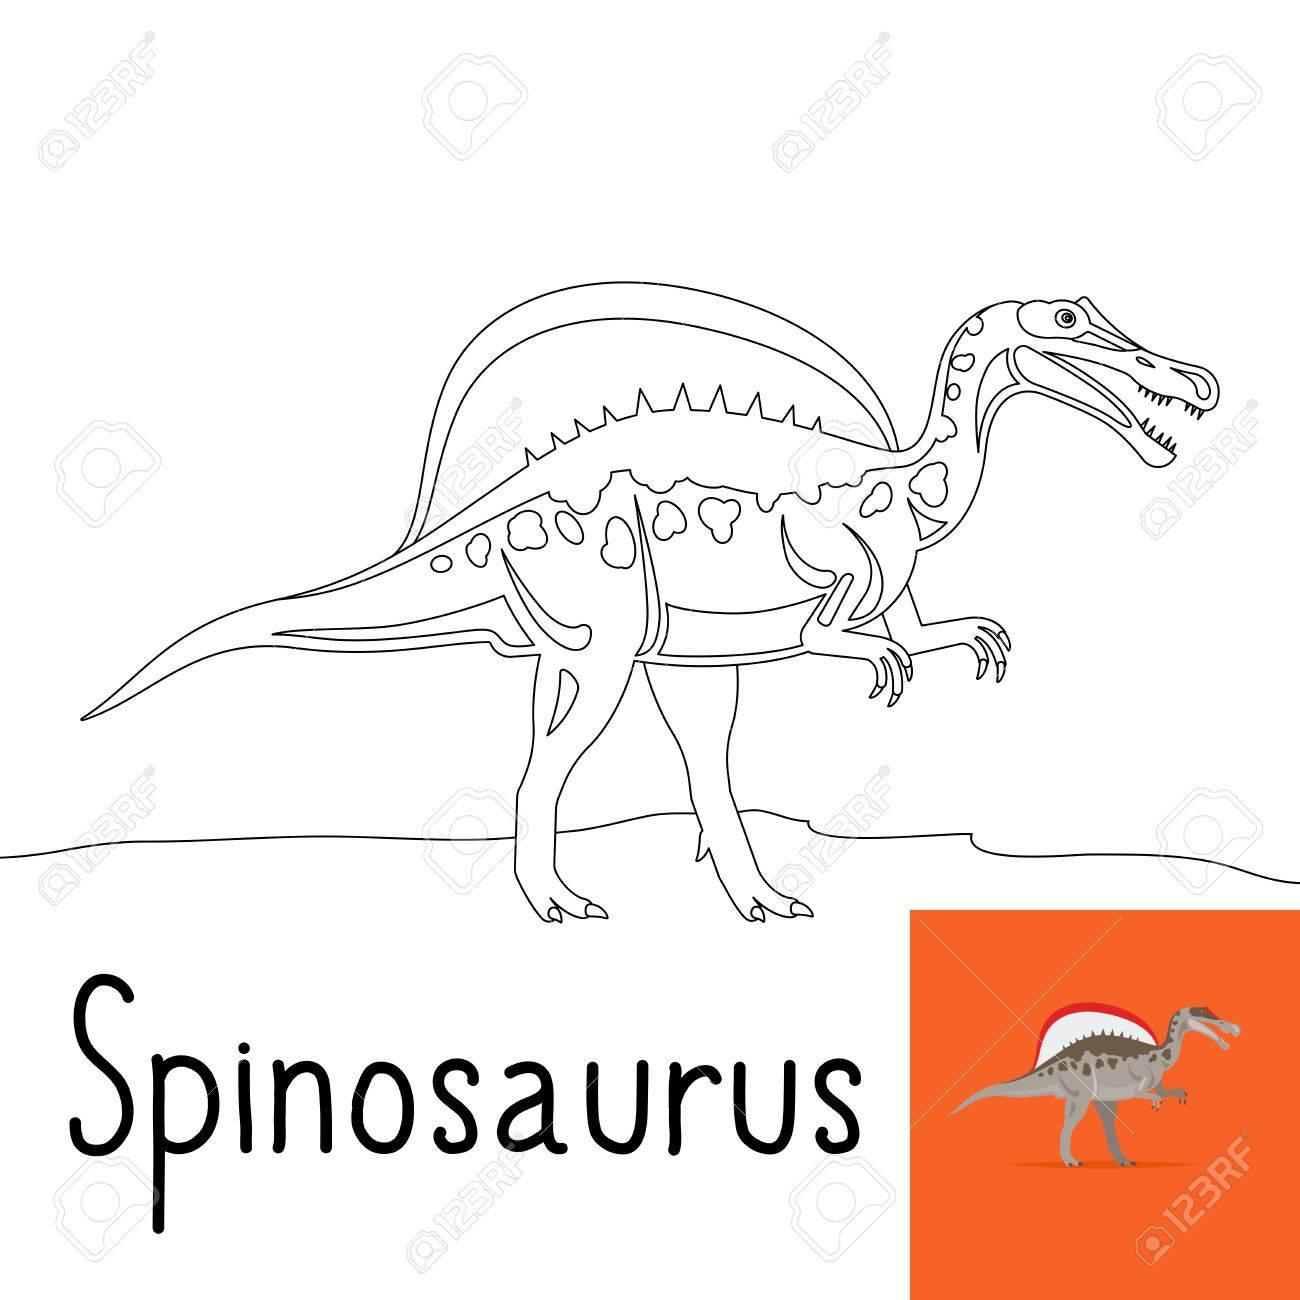 Coloriage A Imprimer Dinosaure Spinosaurus.Coloriage Pour Les Enfants Avec Spinosaurus Dinosaure Et Un Apercu